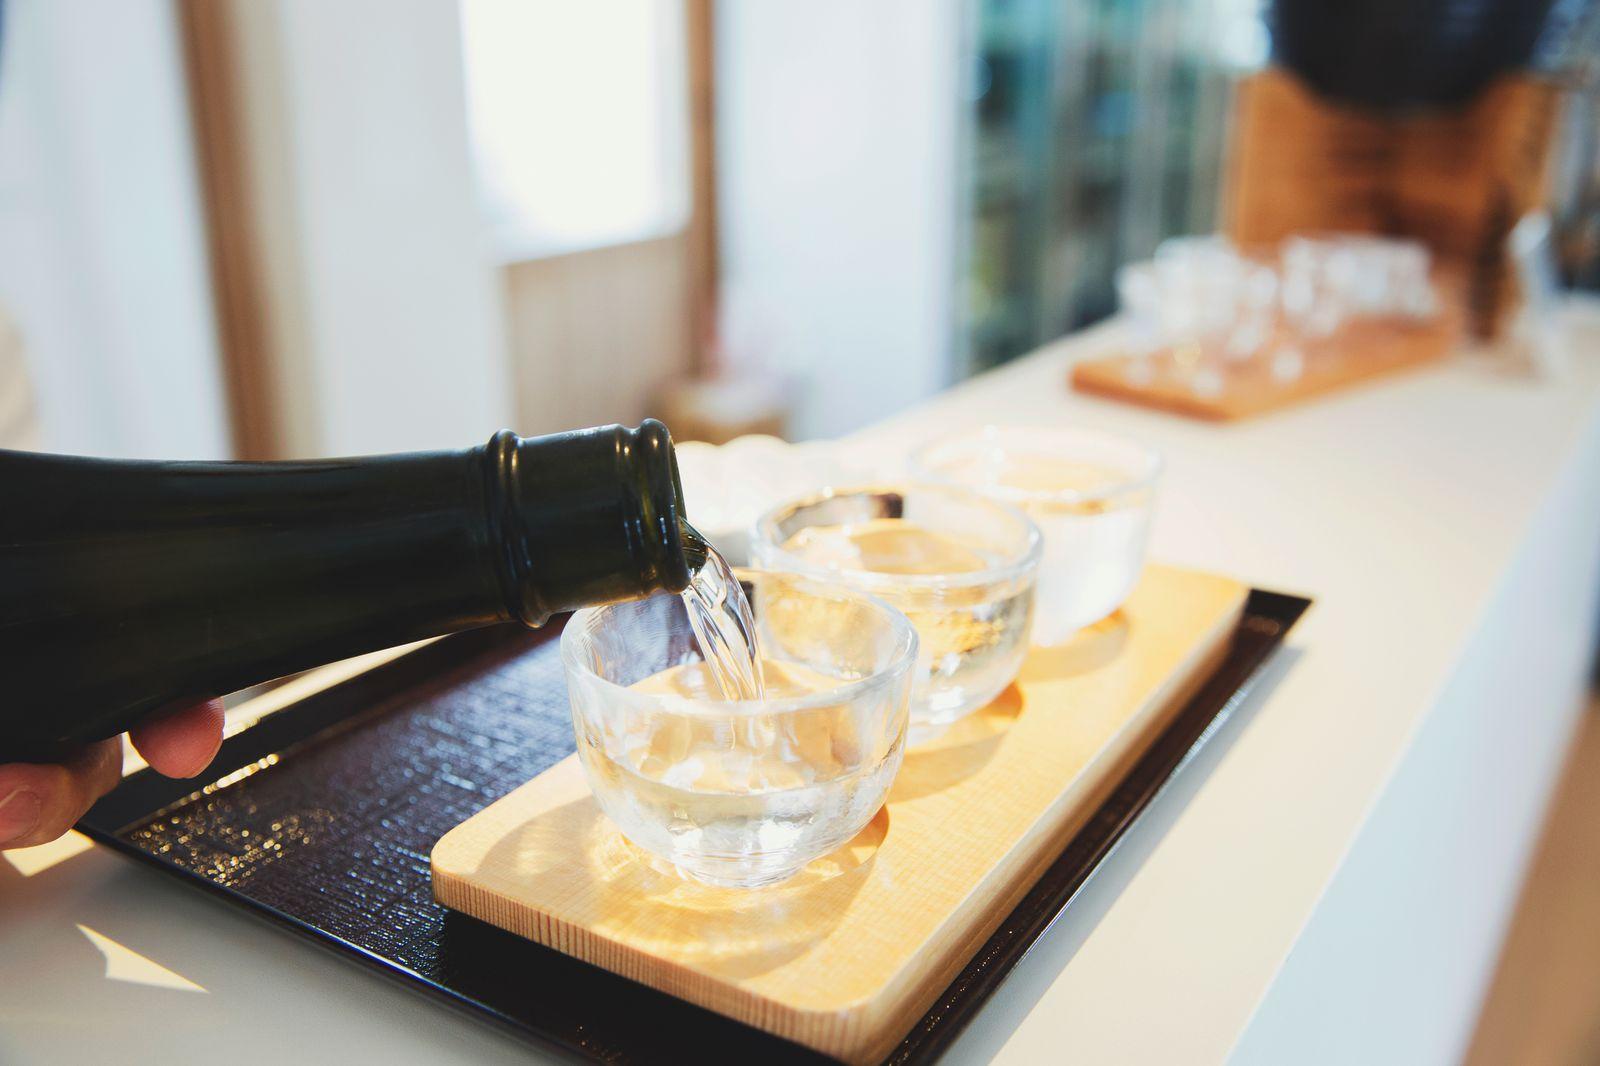 おいしいお料理に合わせるのは、地元産の日本酒がおすすめ。伊勢志摩サミットでもふるまわれた地酒は今、大人気。友達や家族へのお土産に買って帰りたいという方は、近鉄・伊勢市駅からほど近い「伊勢百貨店 五豊美(ごほうび)」に。地元・三重県のお酒がズラリと揃い、利き酒カウンターで味見(有料)をしながらお気に入りを見つけられます。